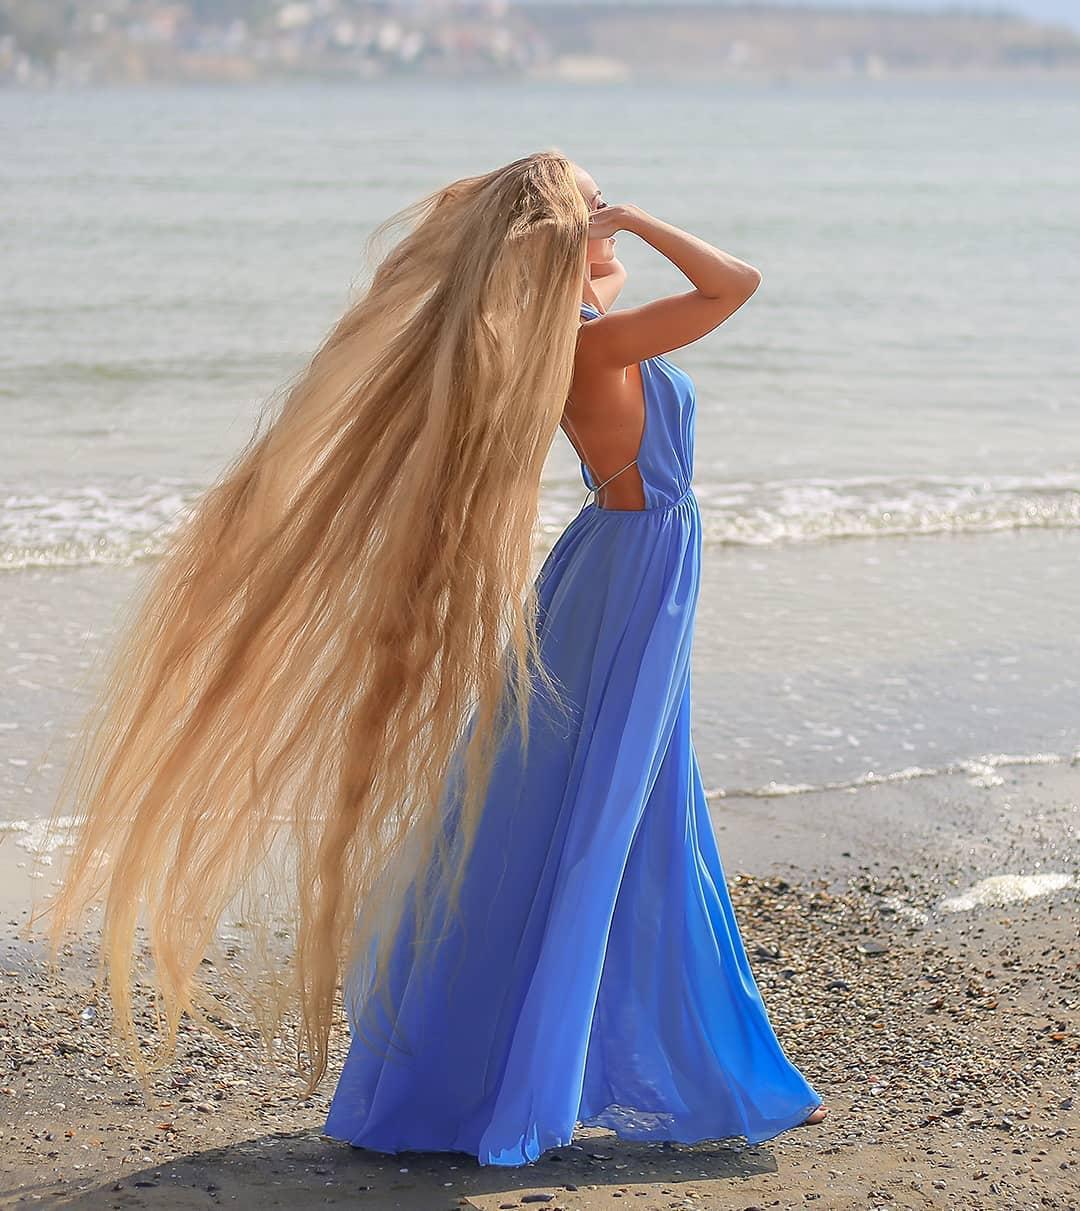 """""""Українська Рапунцель"""" з Одеси вже 30 років не стриже волосся: фото красуні"""